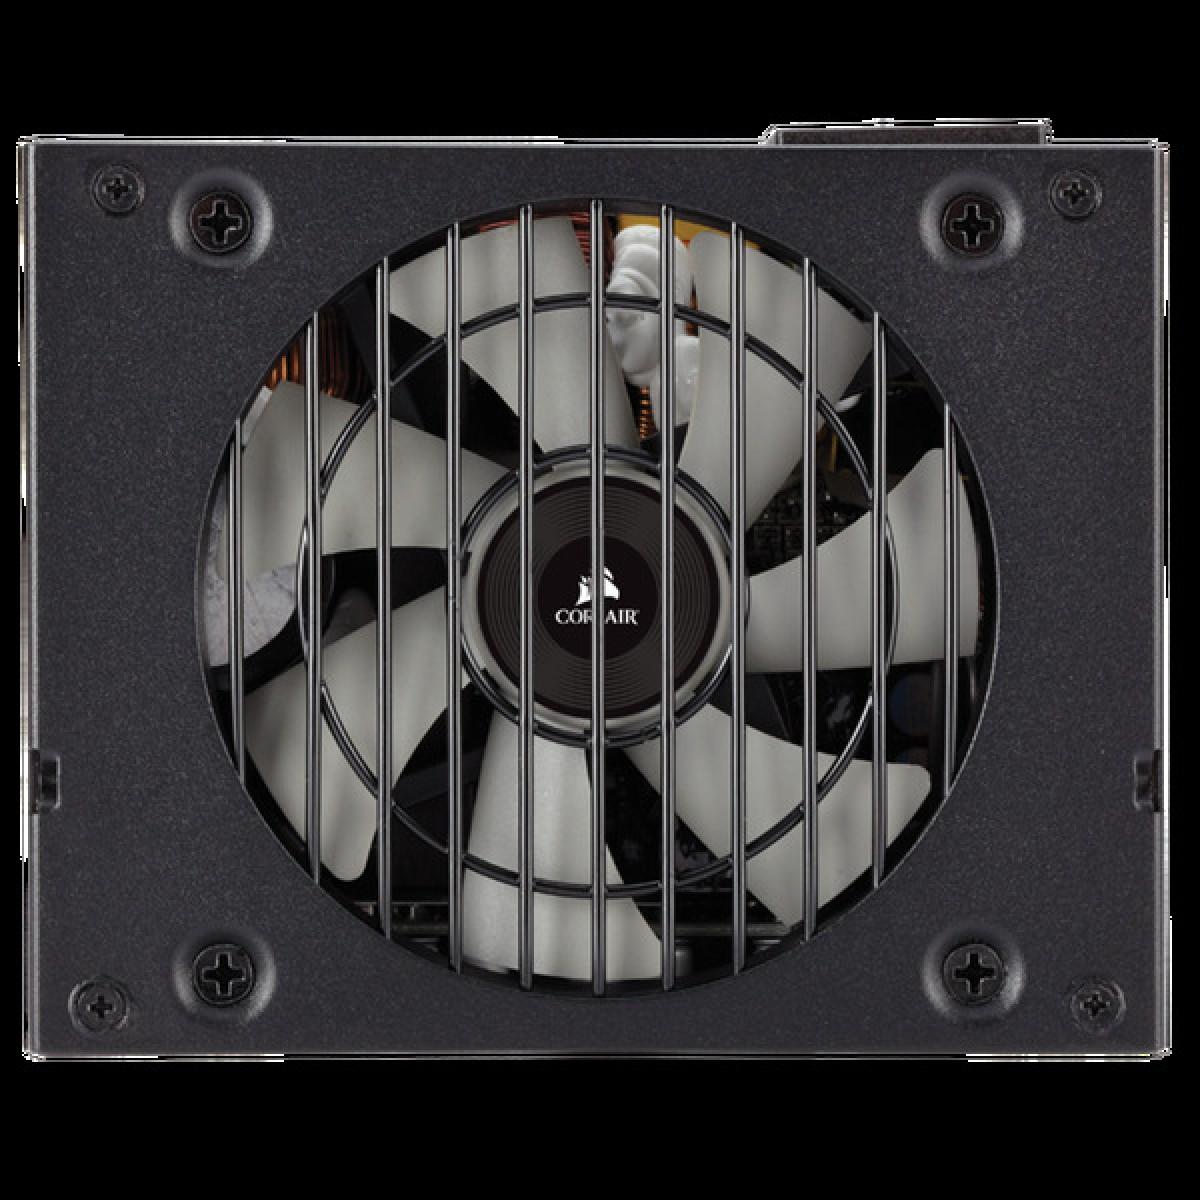 Fonte Corsair SFX SF450 450W, 80 Plus Gold, Modular, PFC Ativo, CP-9020104-WW